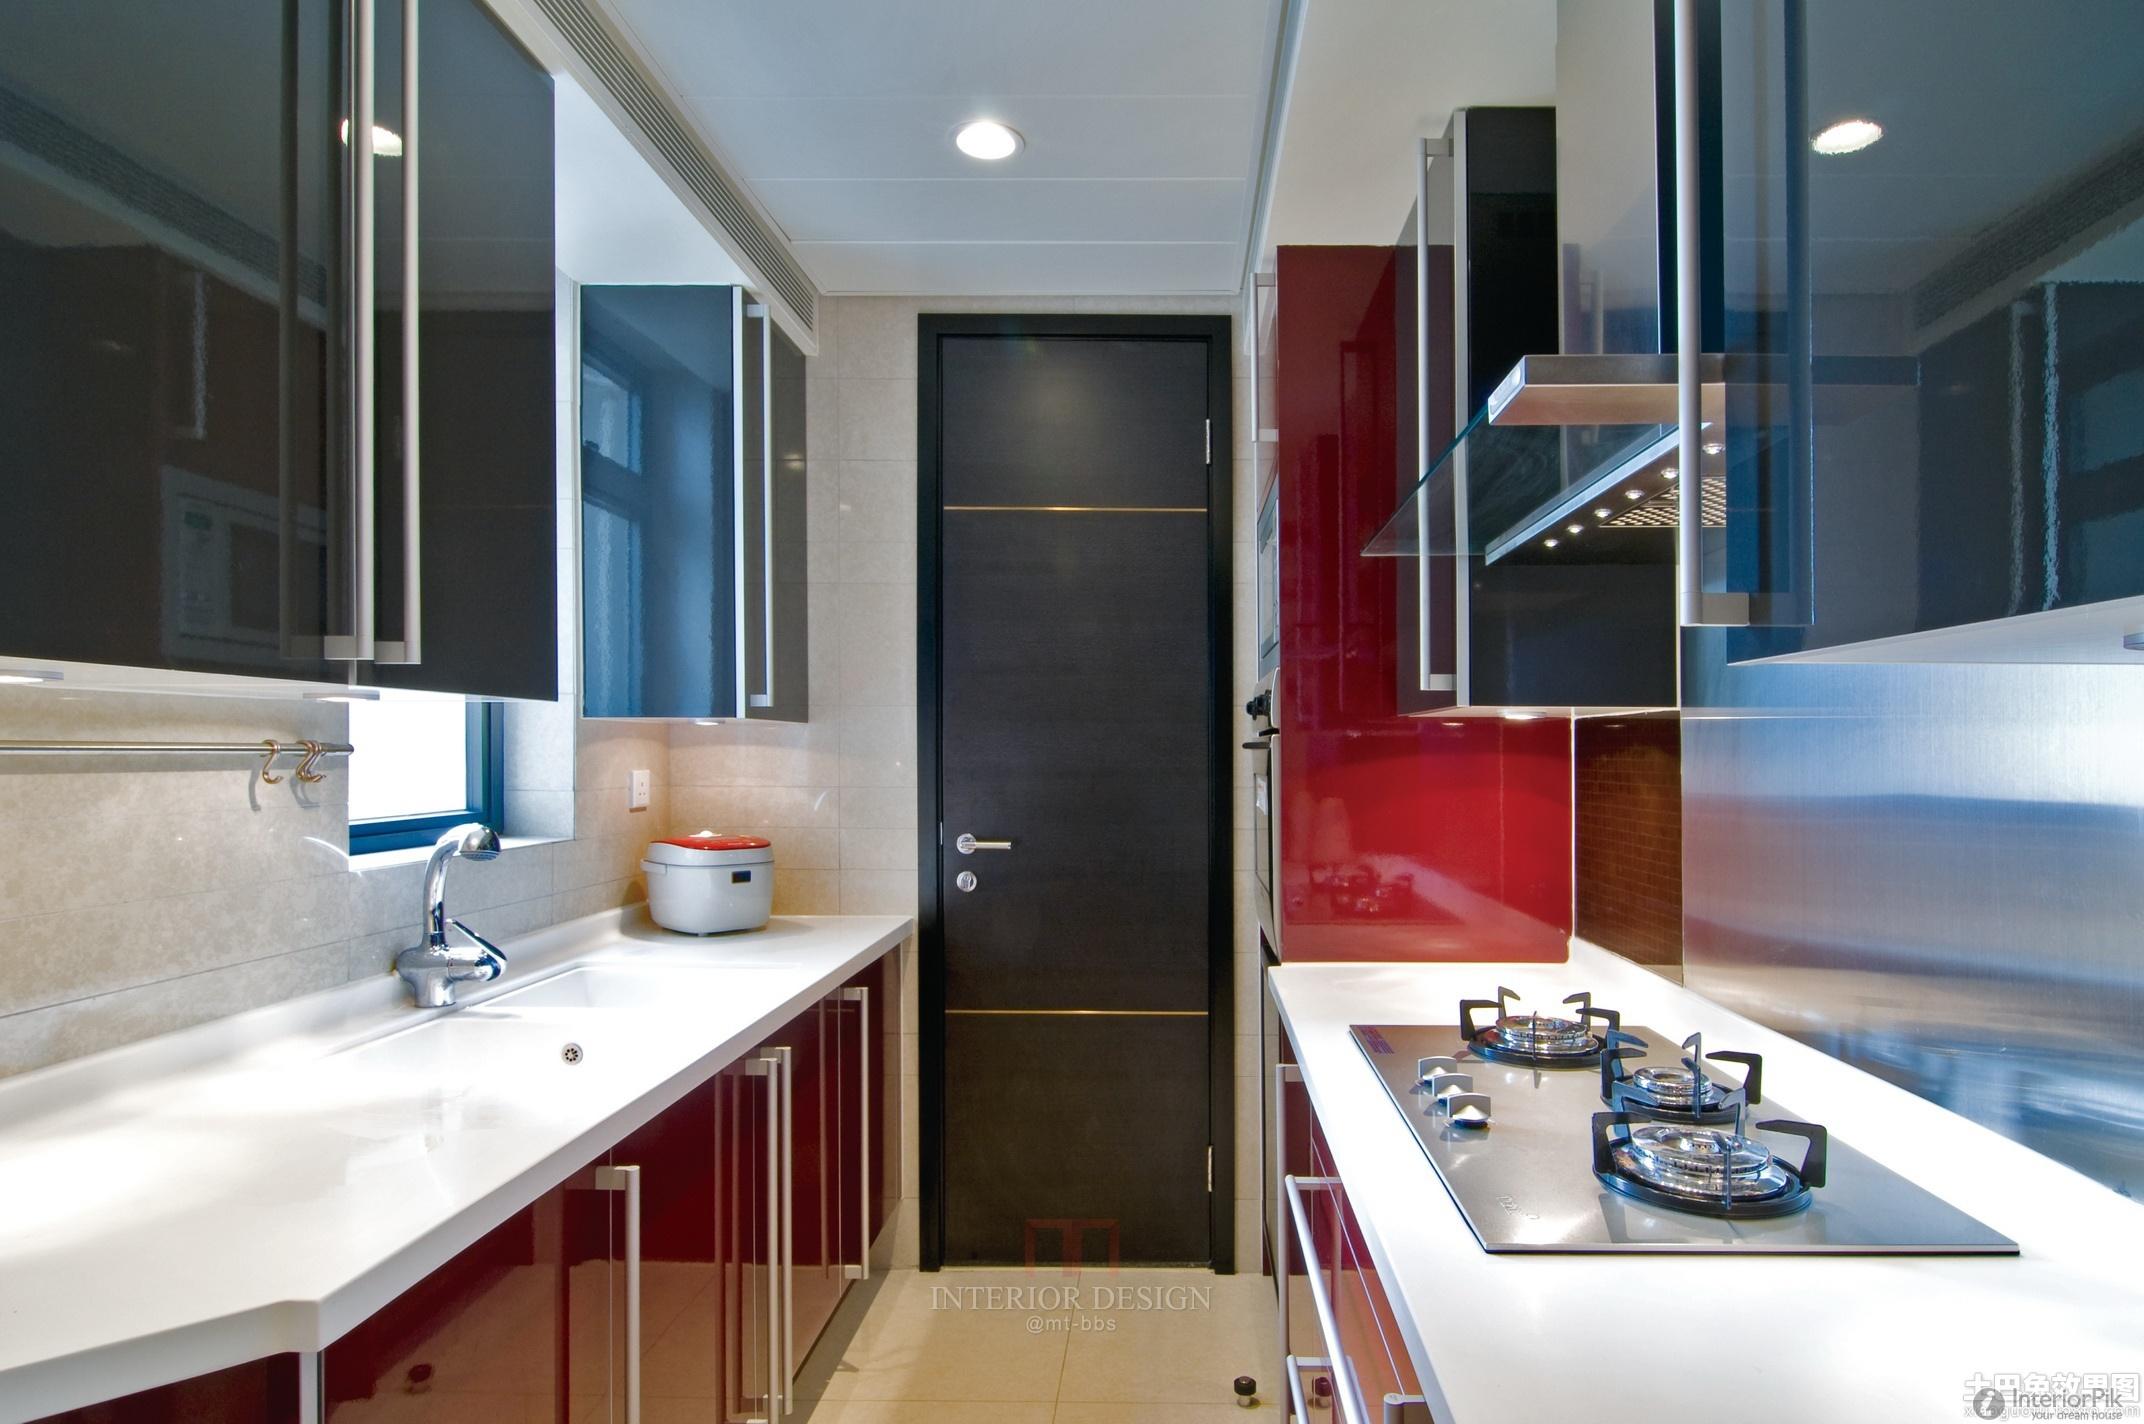 Длинная и узкая кухня может выглядеть шикарно, главное - старание